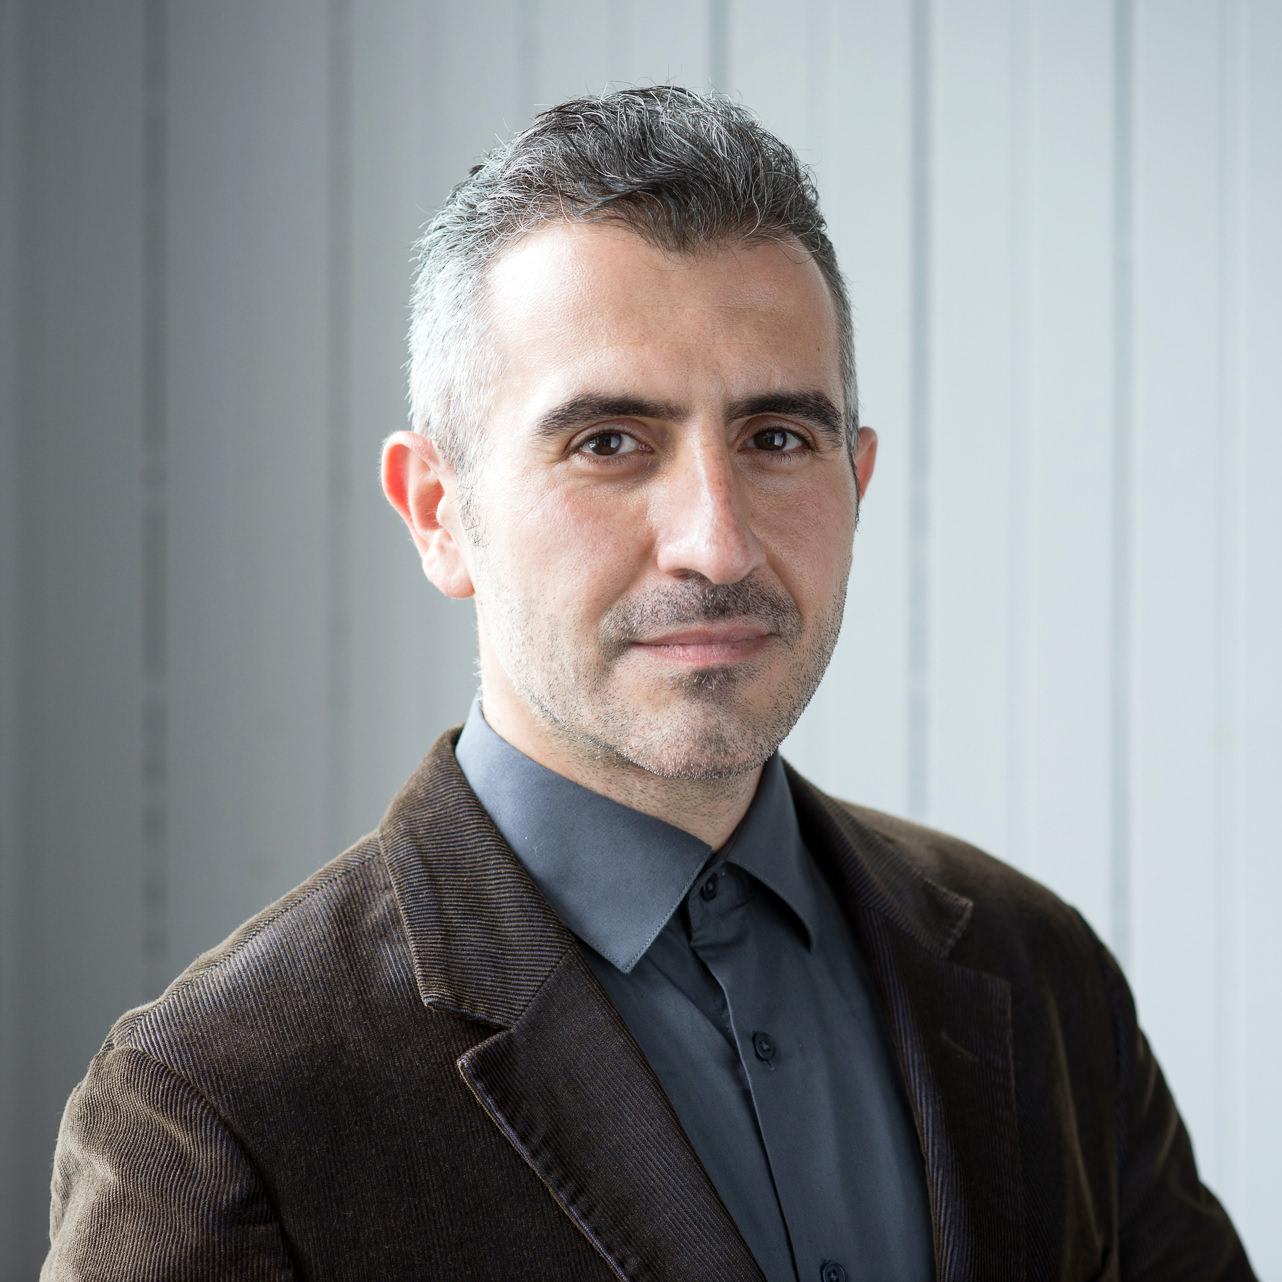 Ahmad Habash